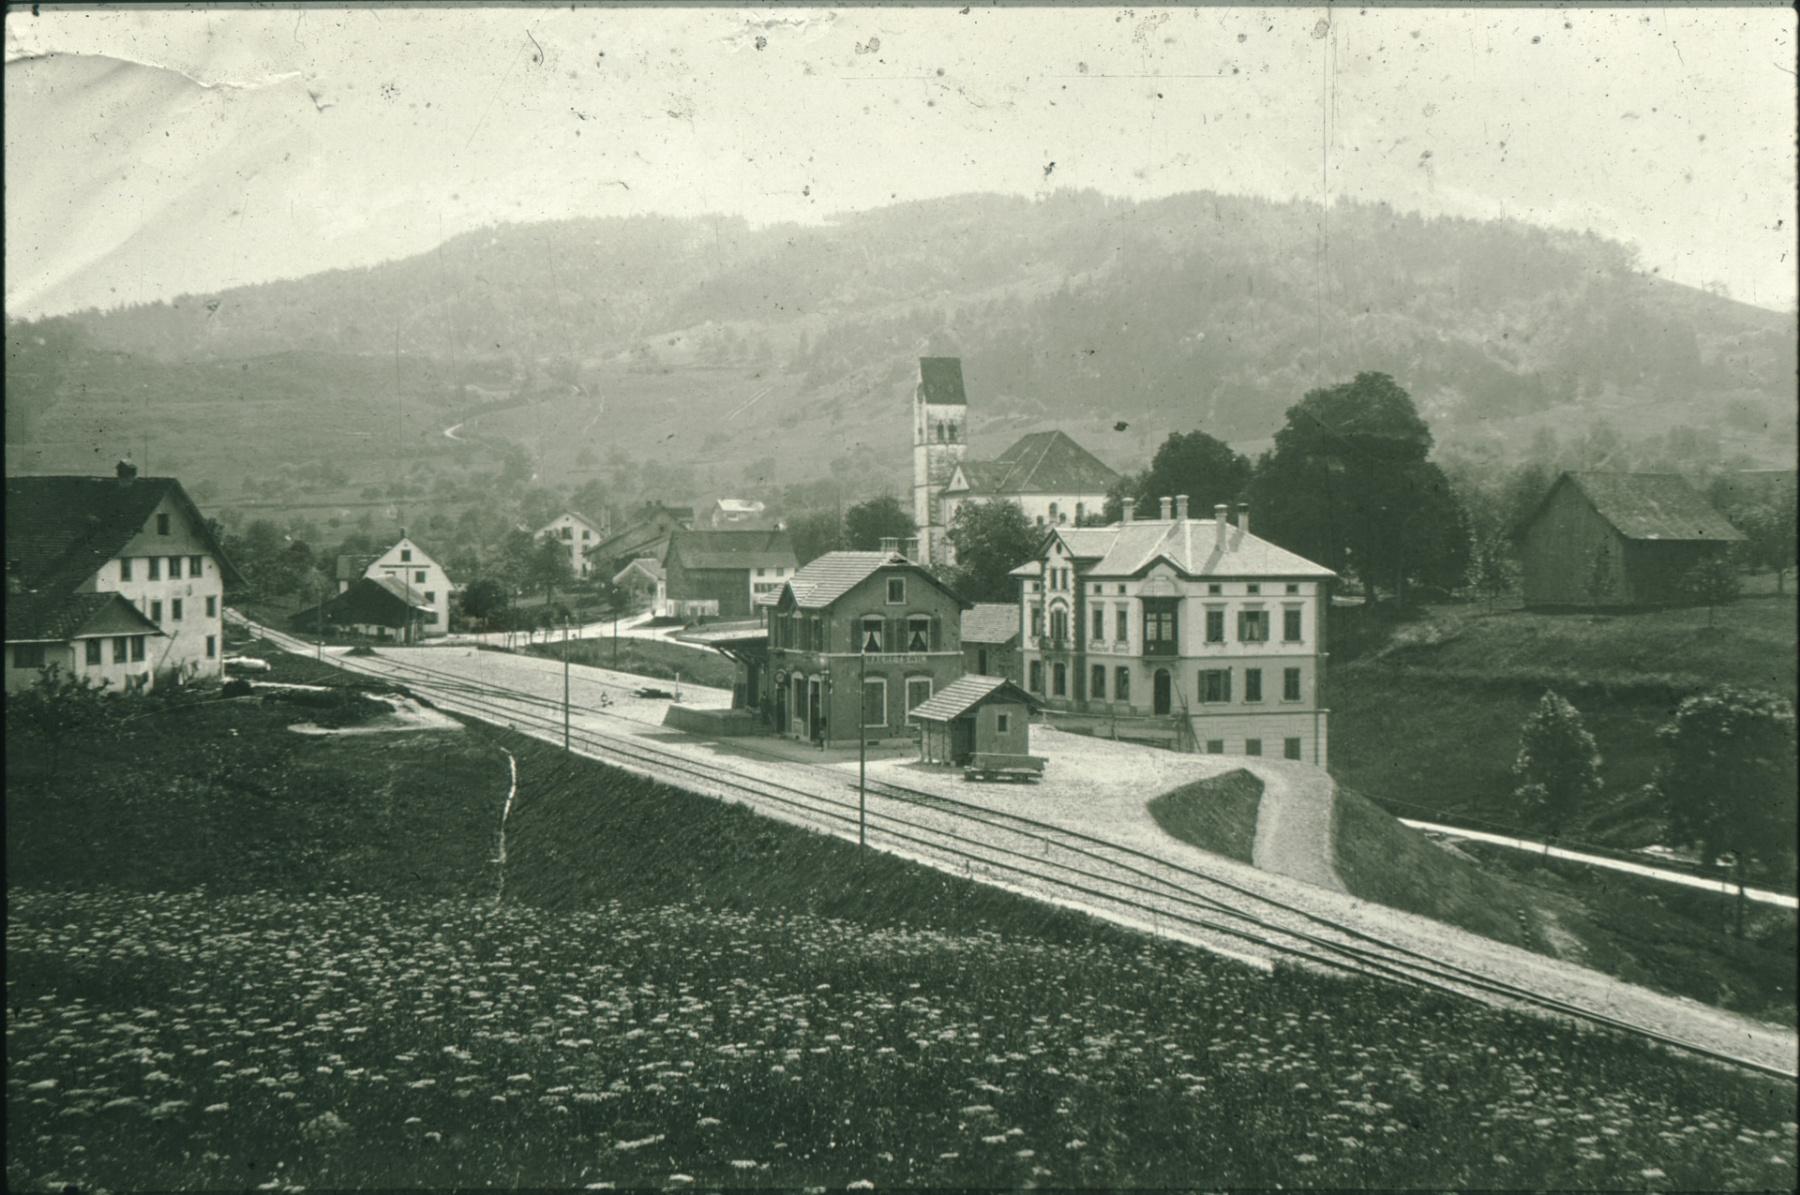 Bahnhof Bäretswil 1901, lk Bauernhaus Wolfensberger, rt Zehntenscheune